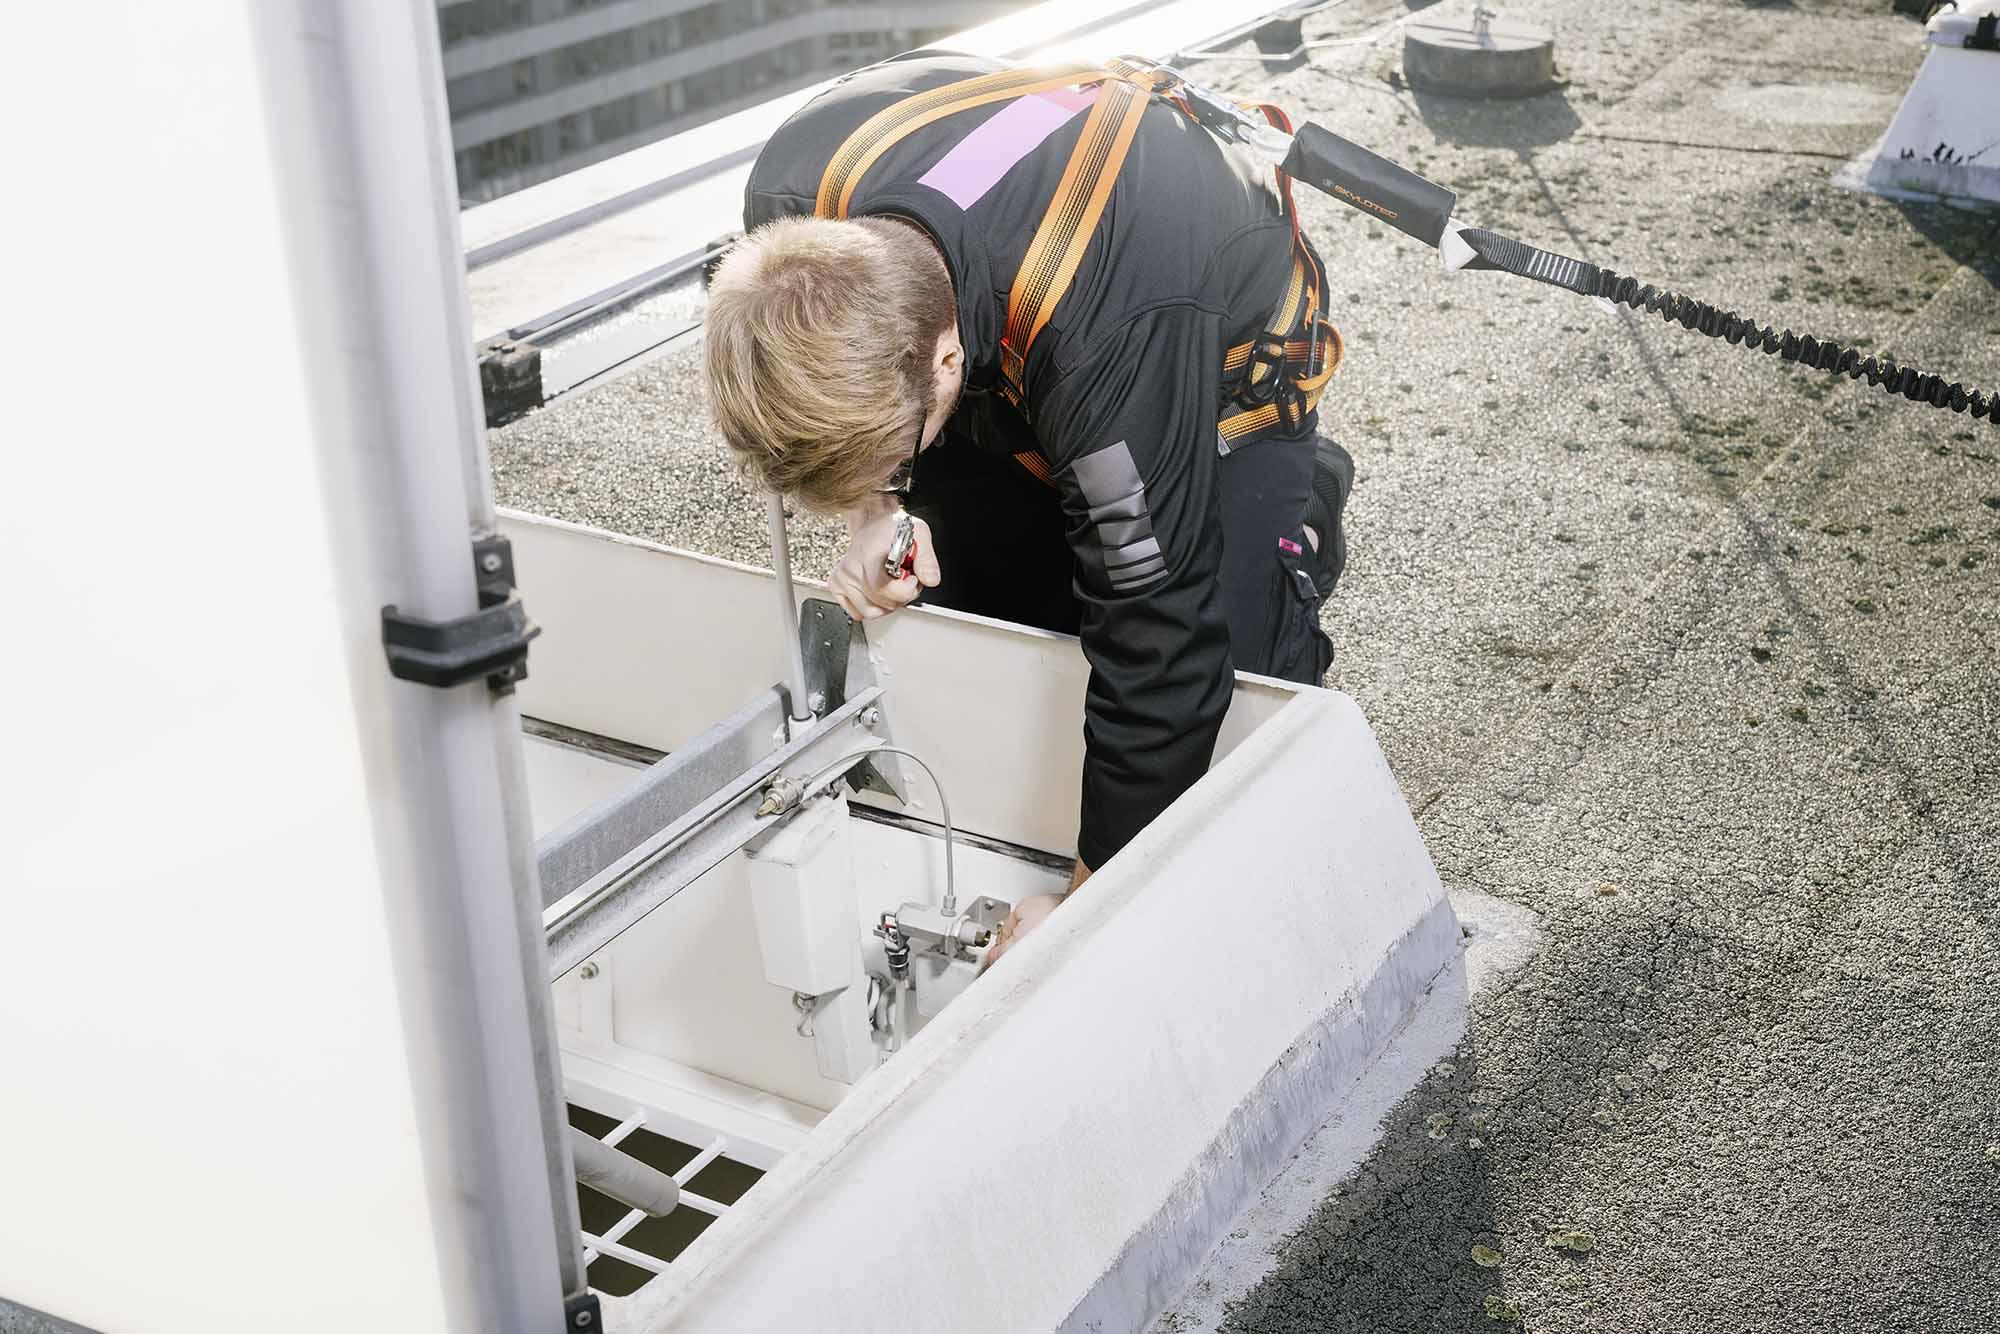 RWA-Anlage Wartung durch einen CWS Servicetechniker Brandschutz